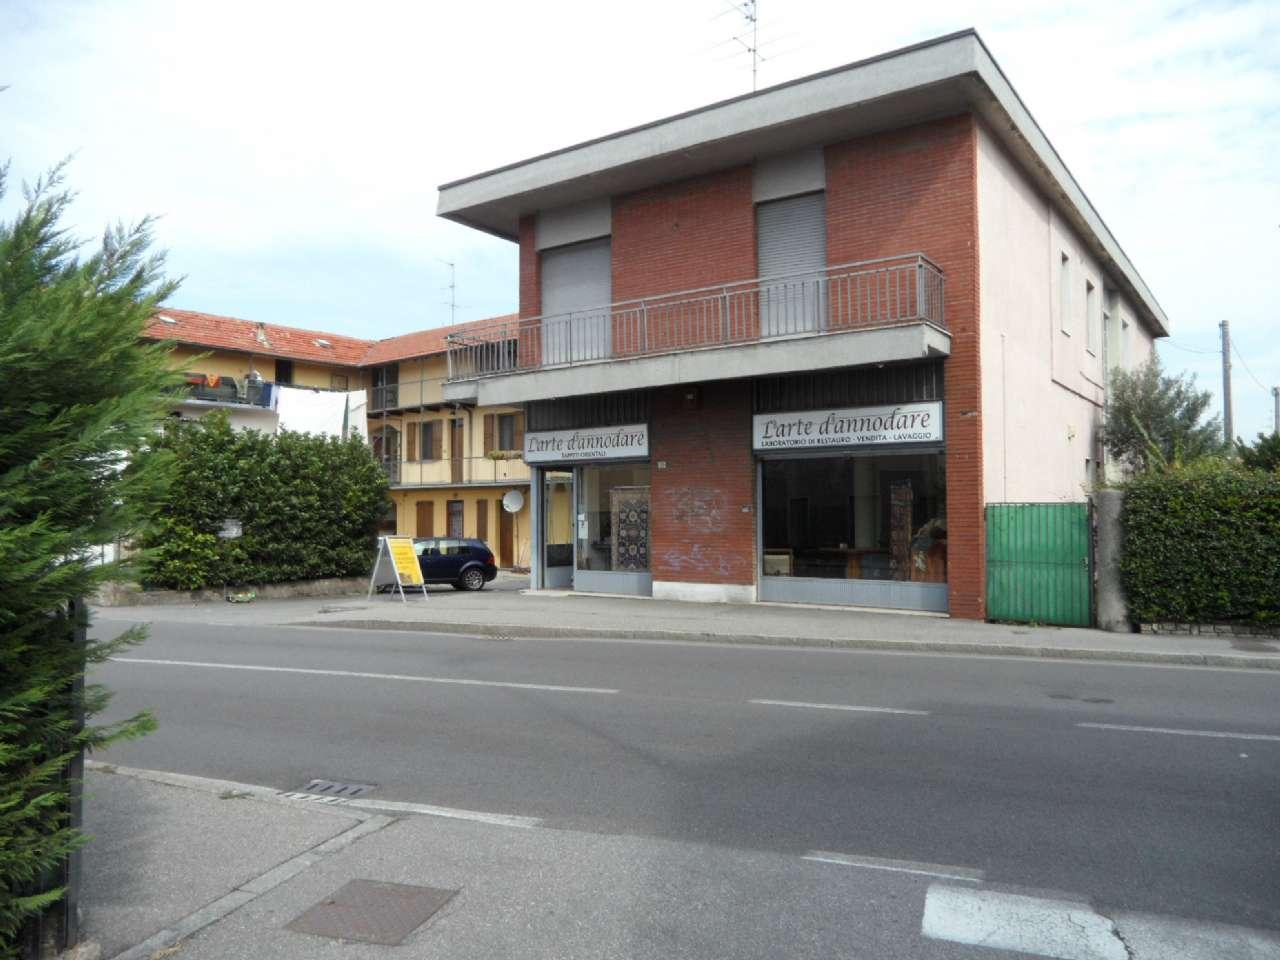 Appartamento in vendita a Seriate, 3 locali, prezzo € 125.000 | CambioCasa.it